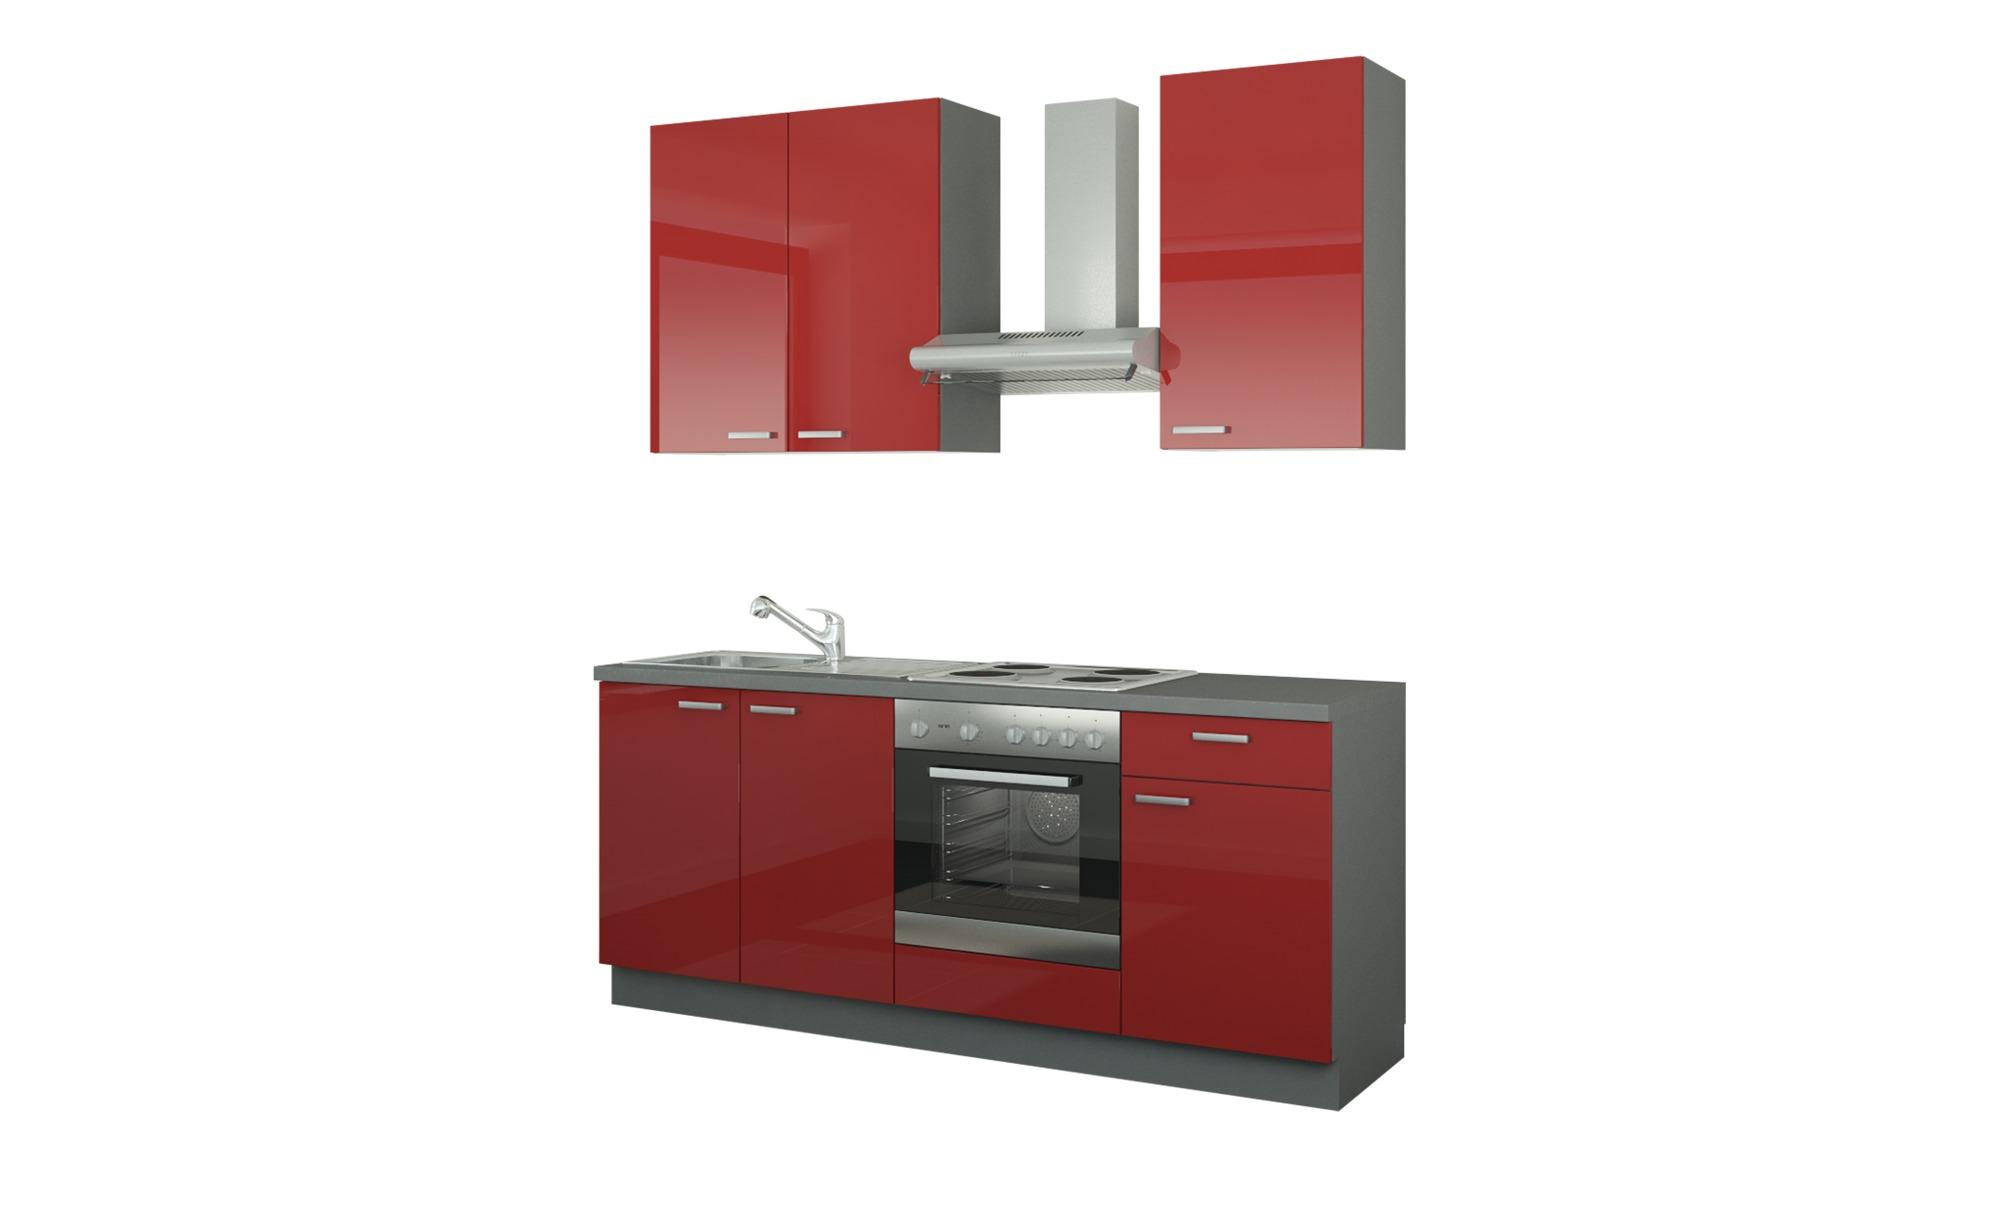 Küchenzeile mit Elektrogeräten  Bochum ¦ rot ¦ Maße (cm): B: 200 Küchen > Küchenblöcke - Höffner | Küche und Esszimmer > Küchen > Küchenzeilen | Möbel Höffner DE